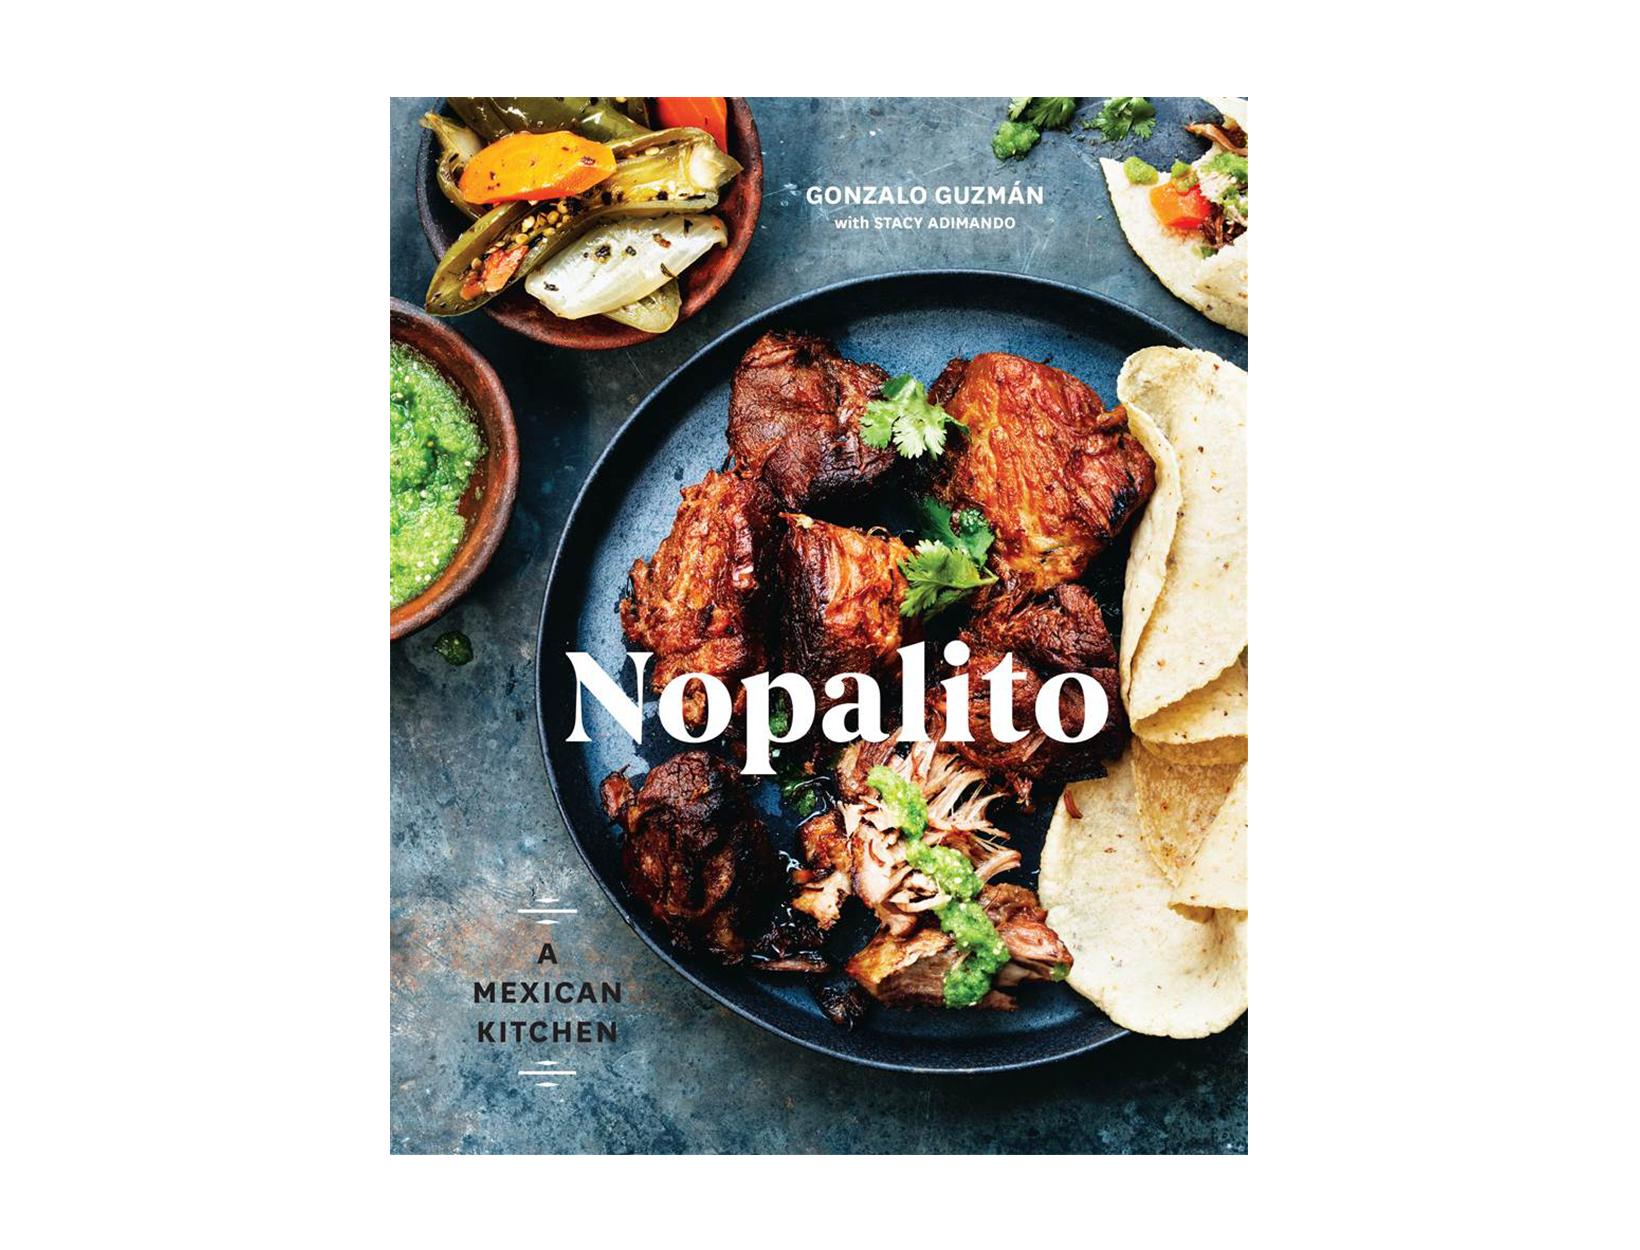 Nopalito by Gonzalo Guzmán